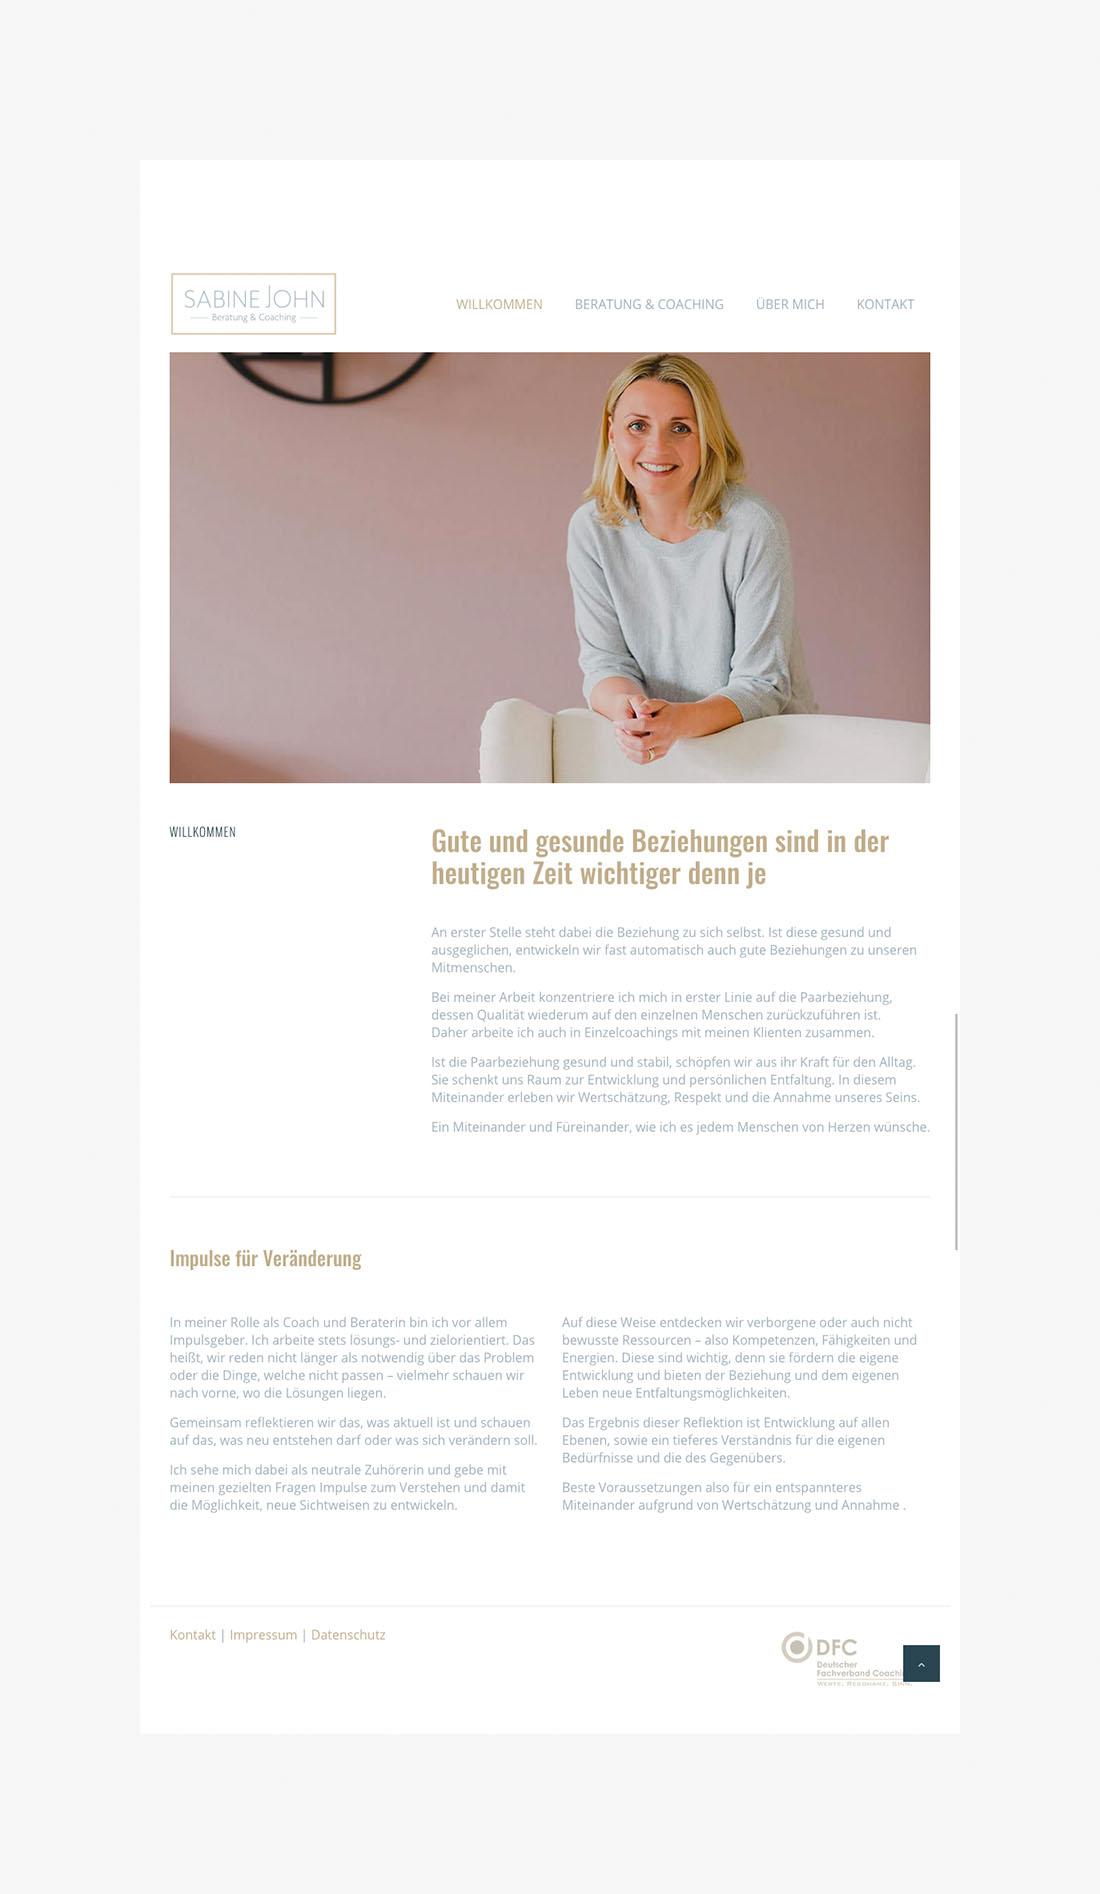 SabineJohn_01 - Webdesign Wordpress